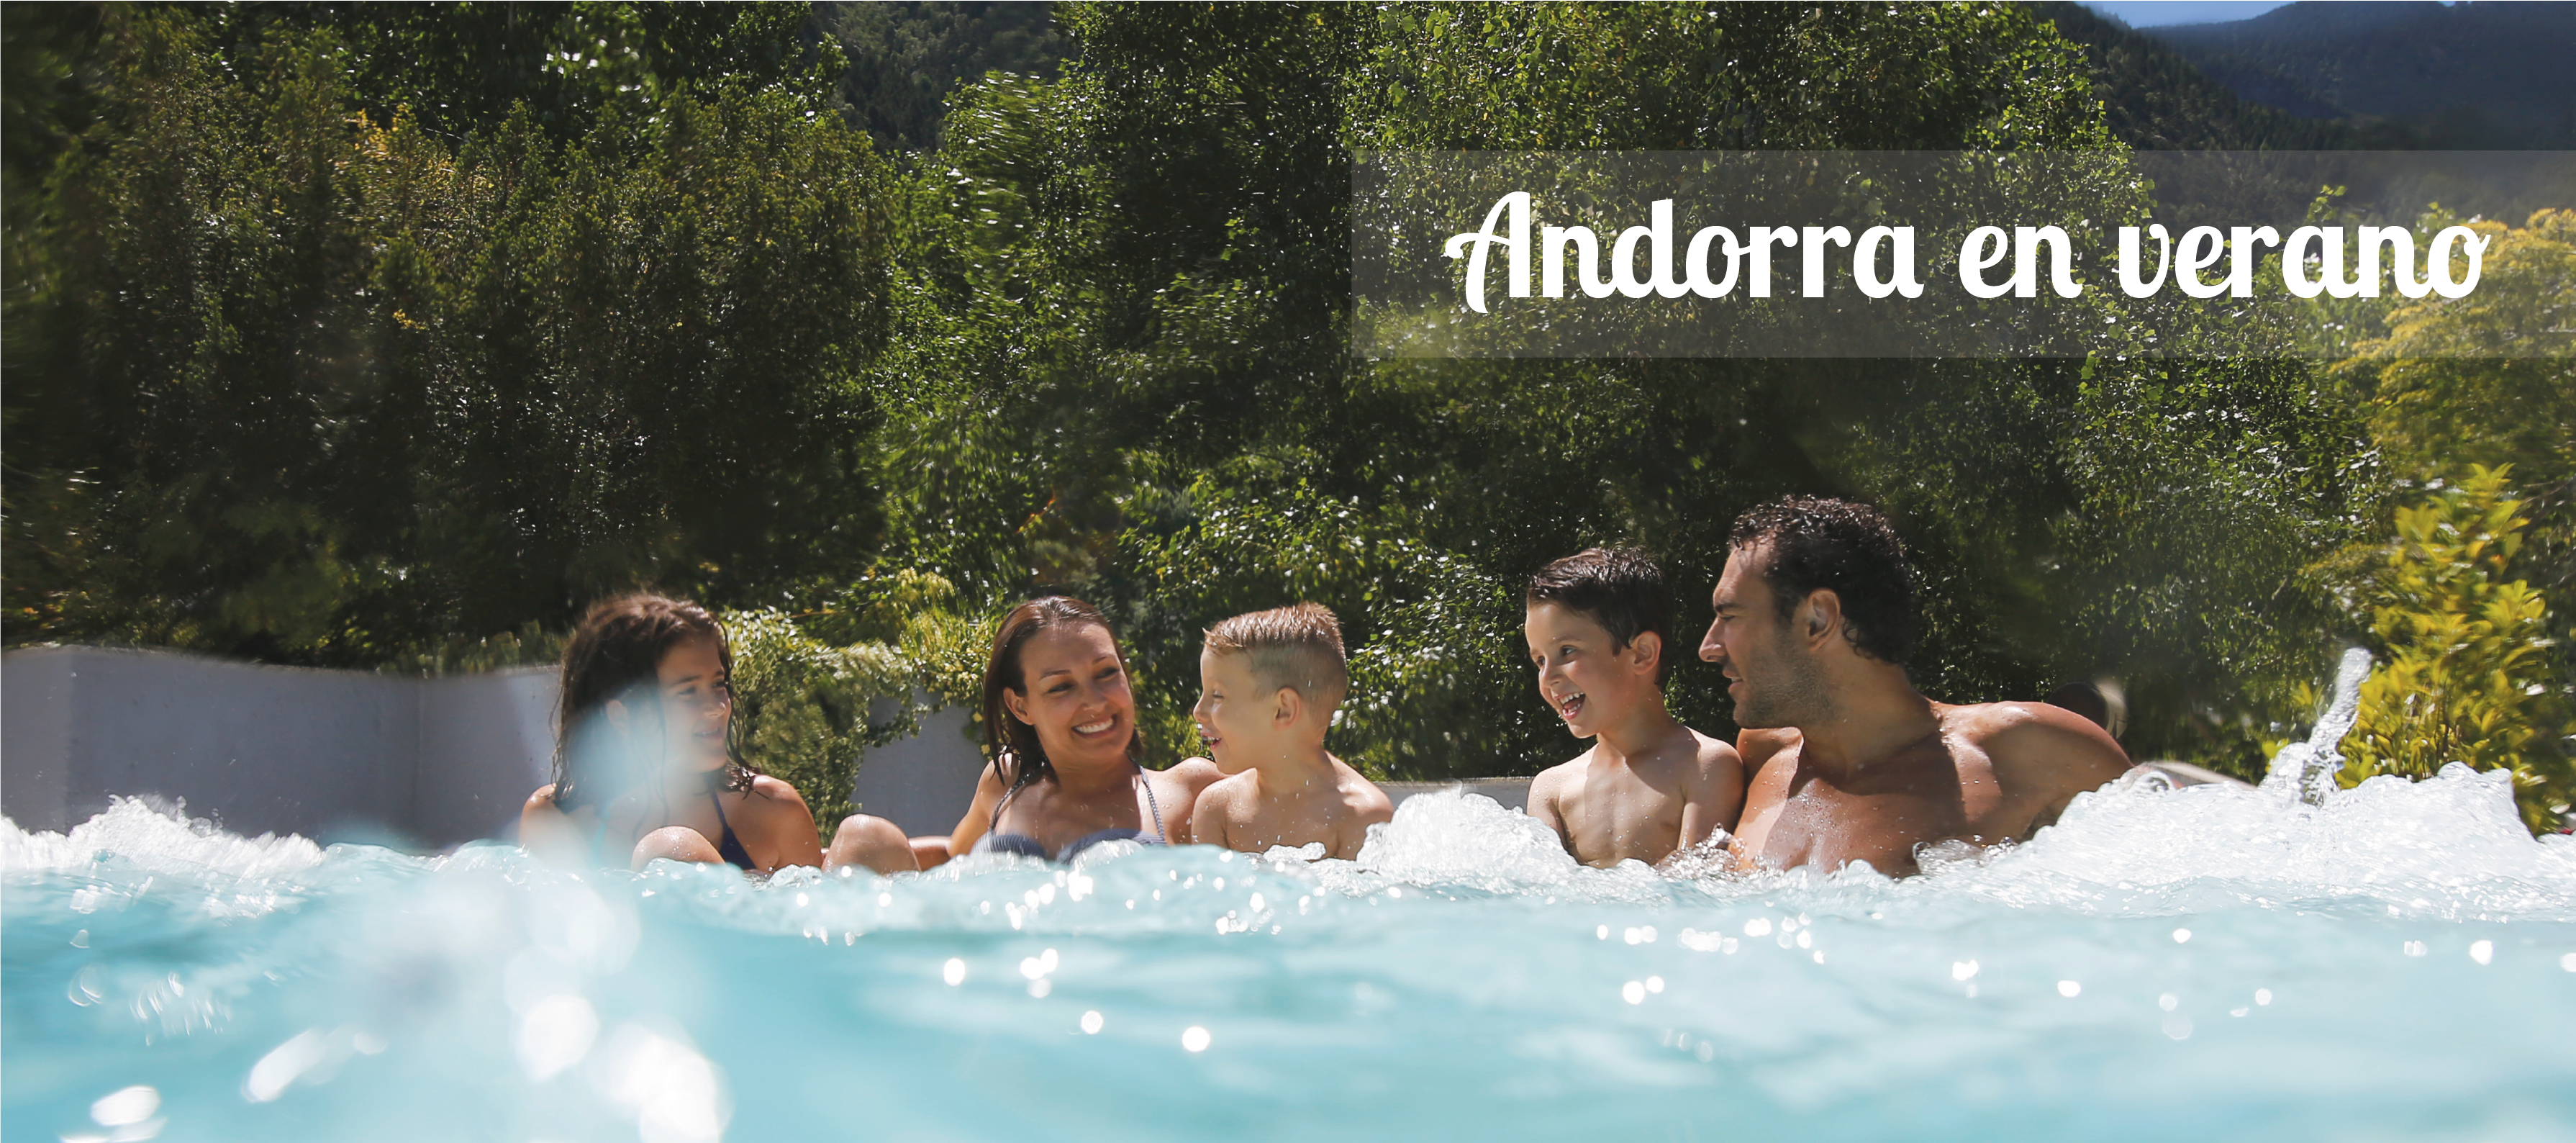 ¿Vacaciones en la montaña? Andorra también es para el verano